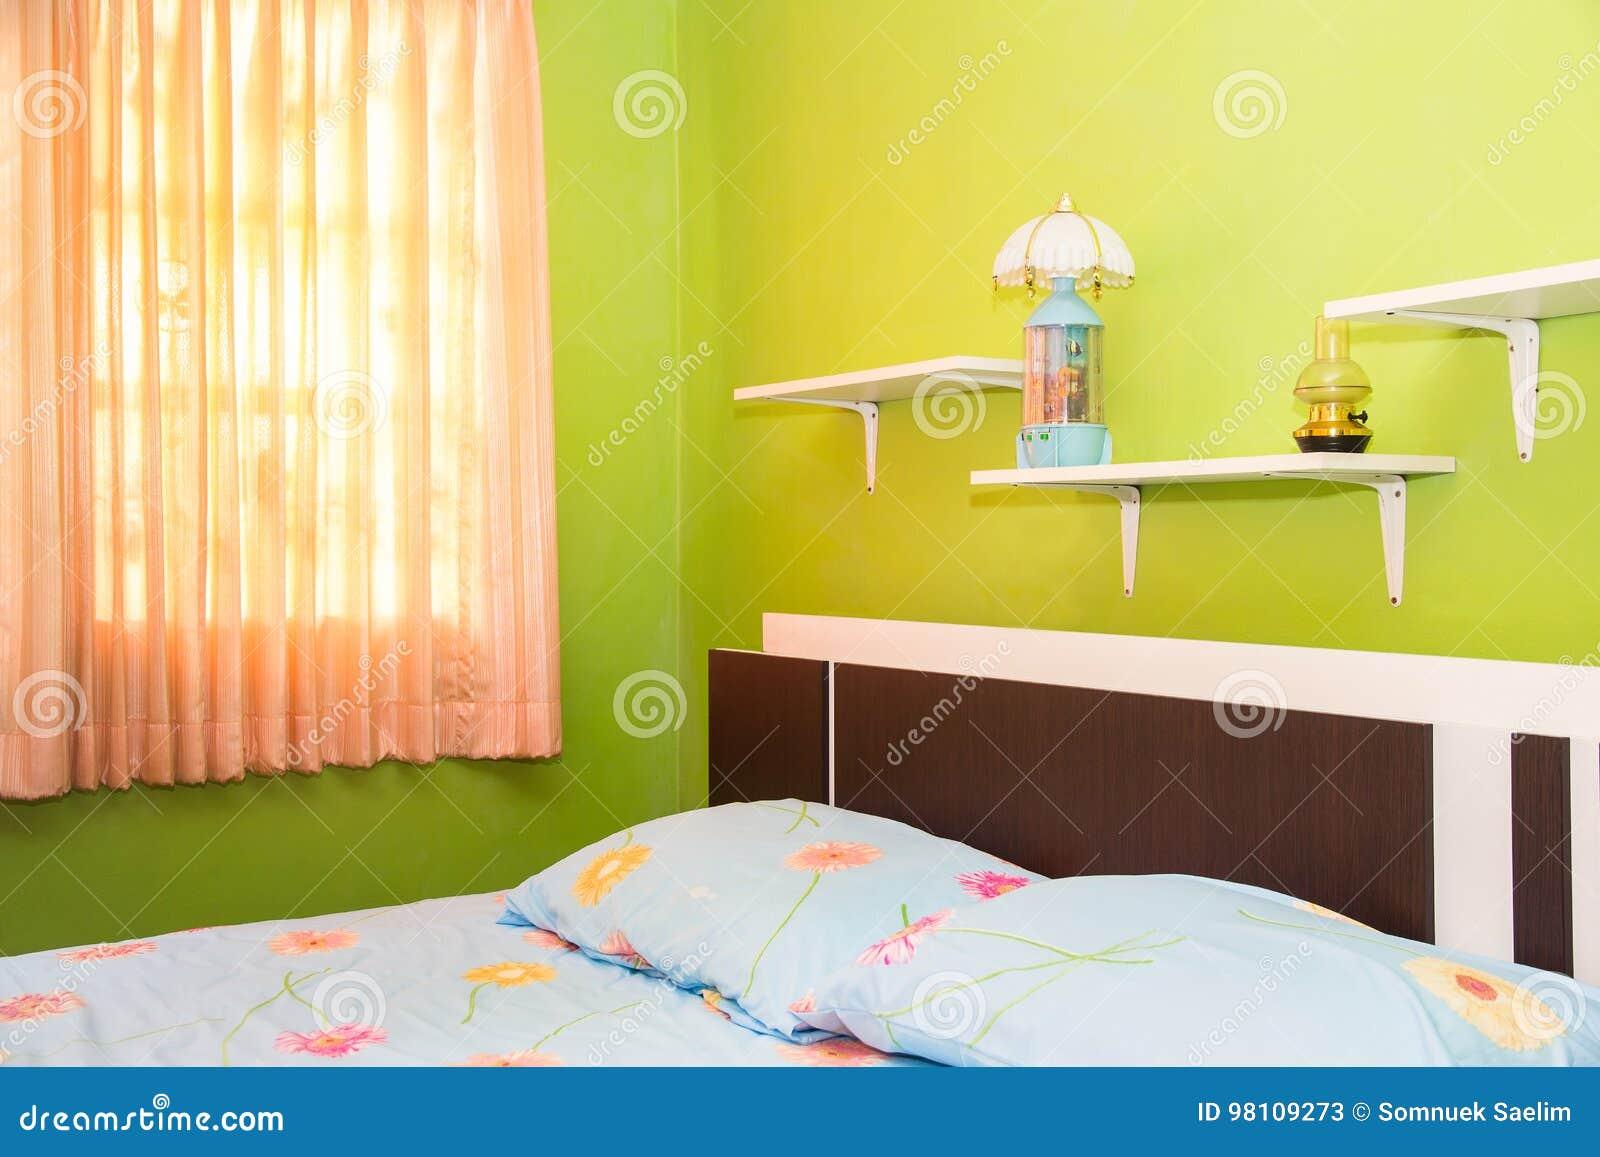 Slaapkamer Lamp Roze : De groene slaapkamer en het roze gordijn hebben lampen en bed met